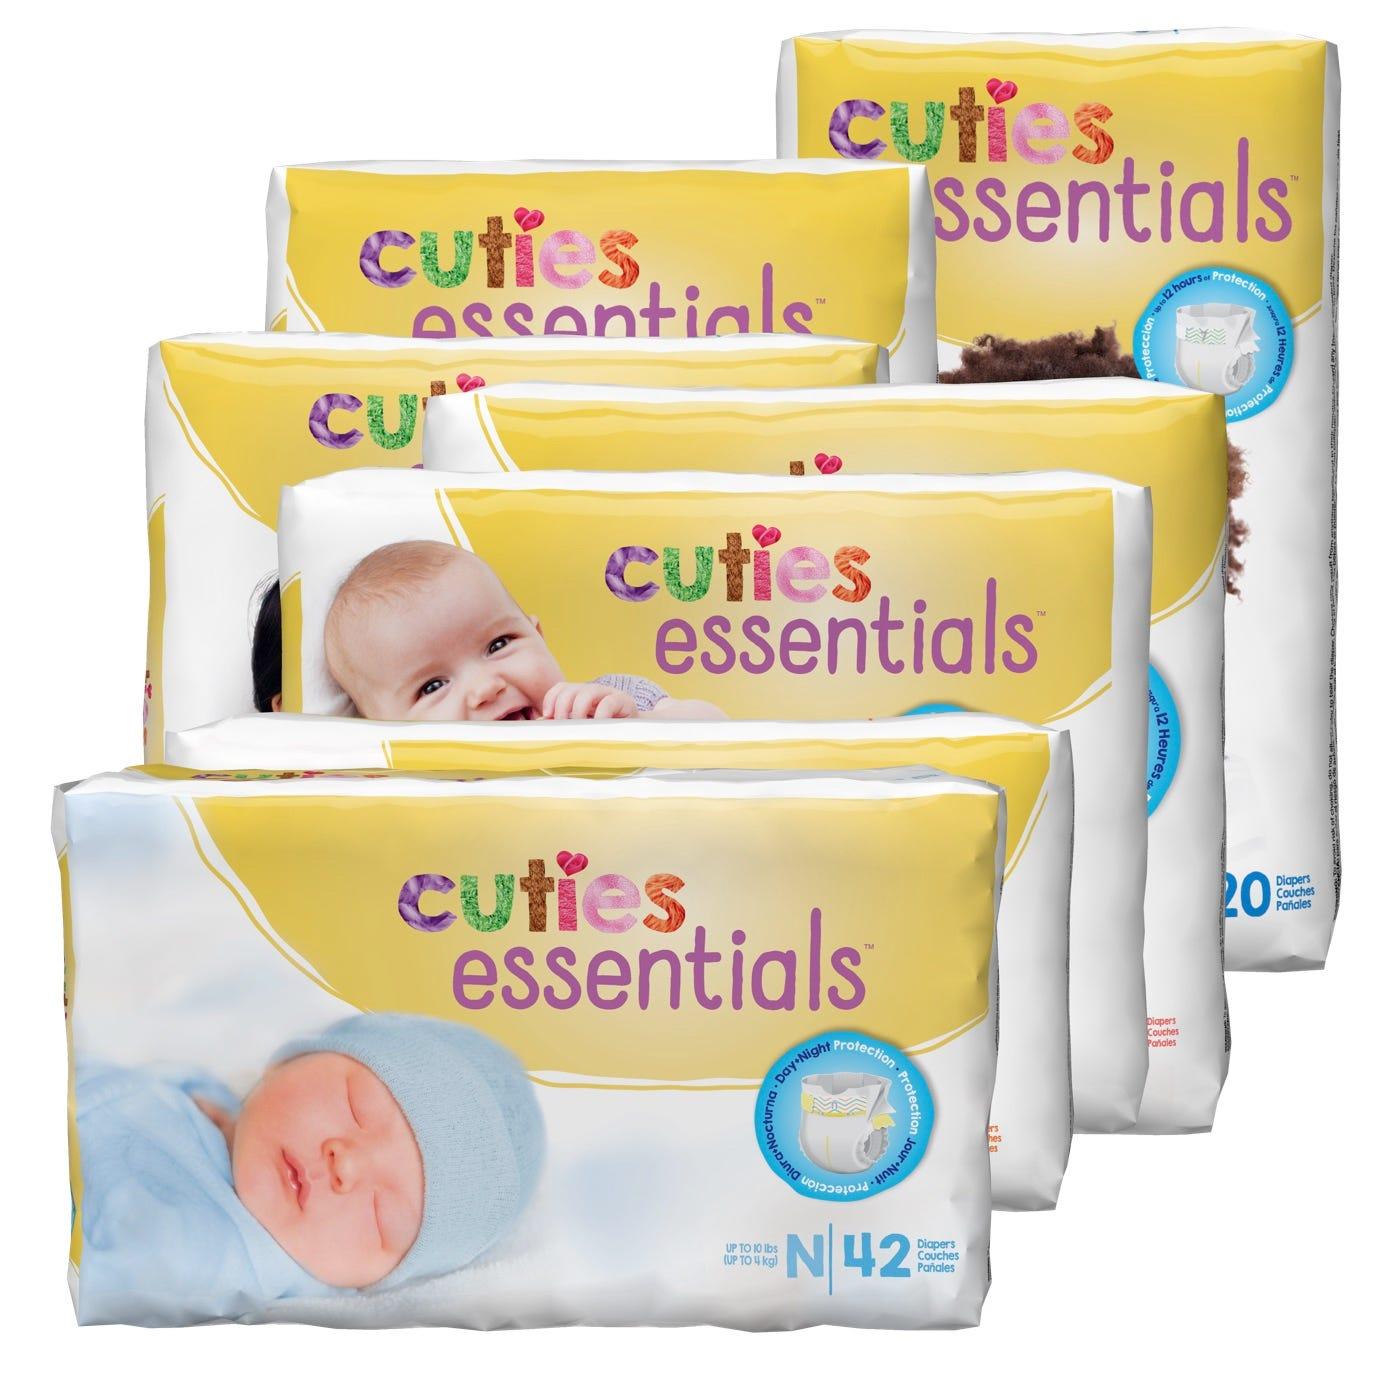 Cuties Baby Diapers in Bags